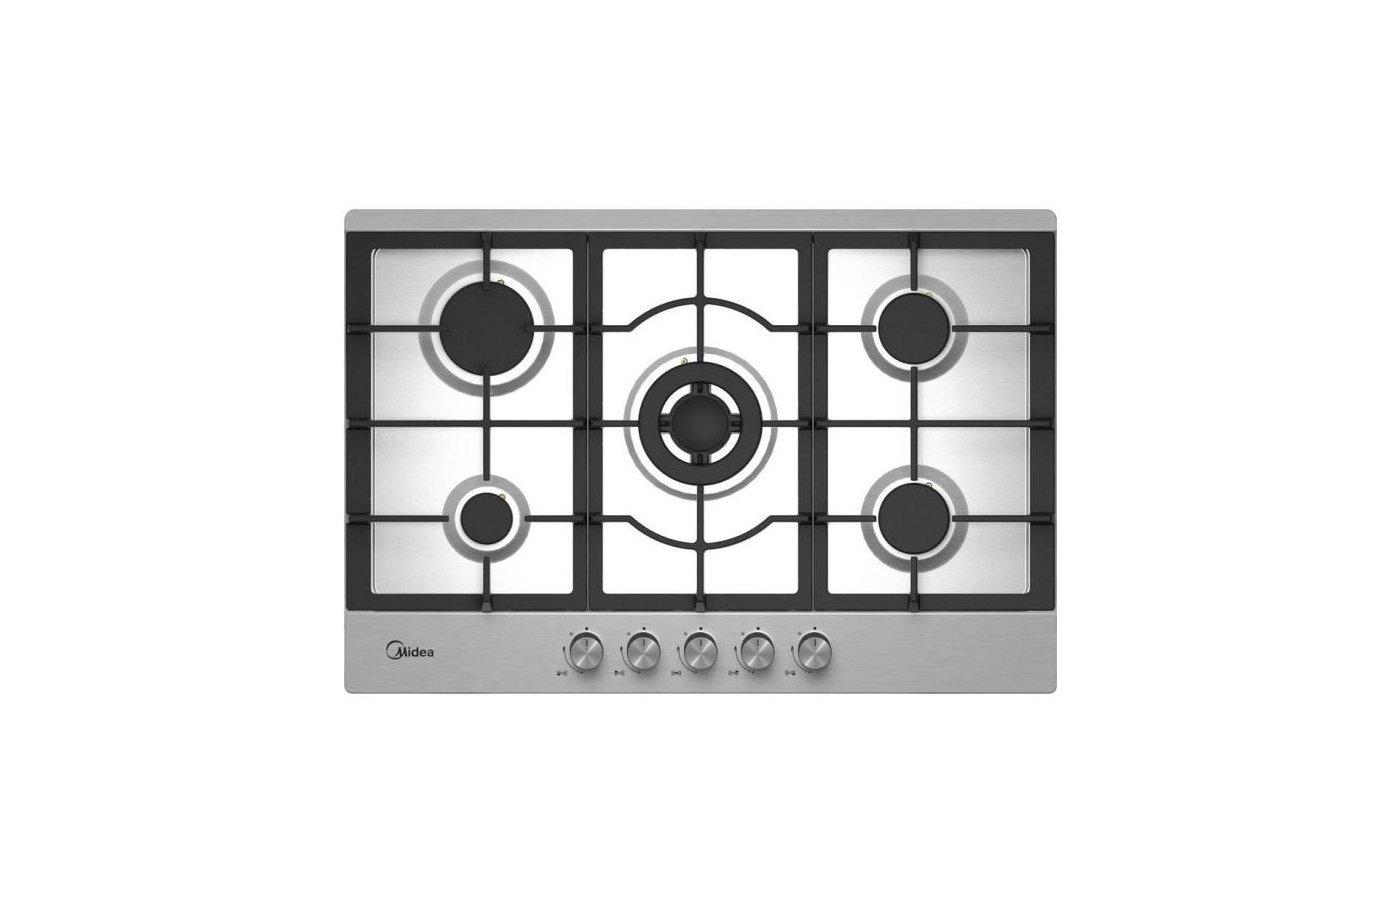 Варочная панель MIDEA Q751SFD-SS